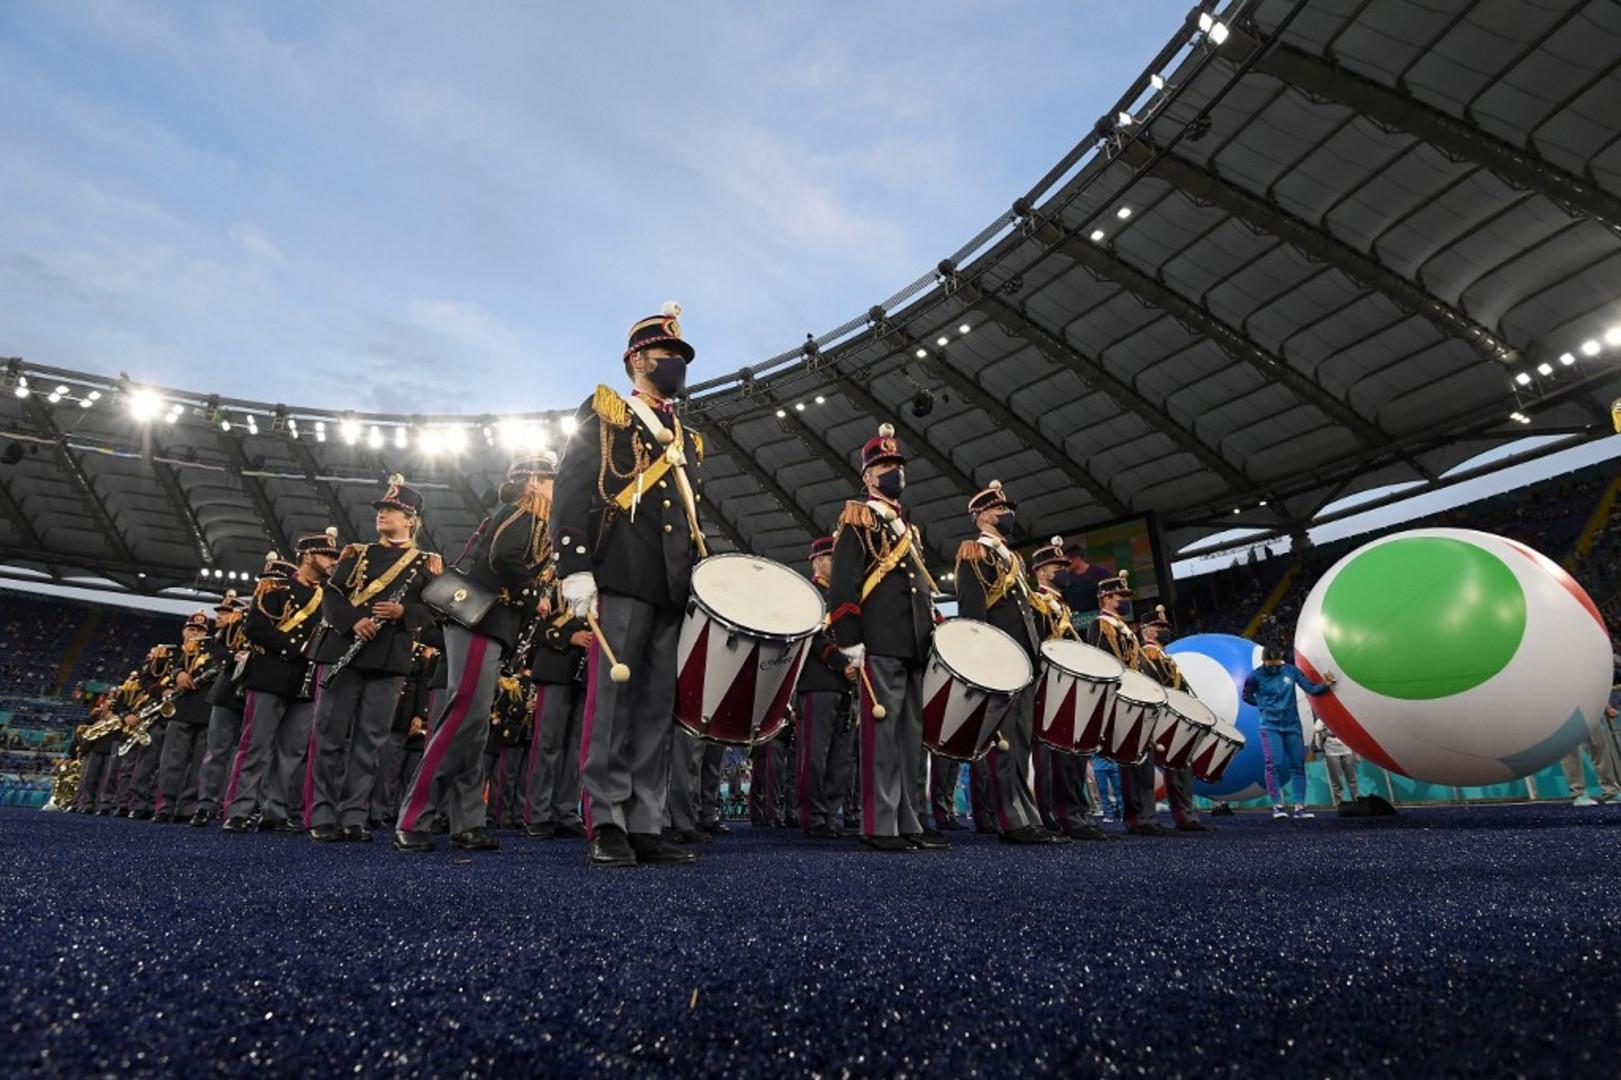 Cérémonie introduite par la traditionnelle fanfare accompagnée par 24 ballons géants